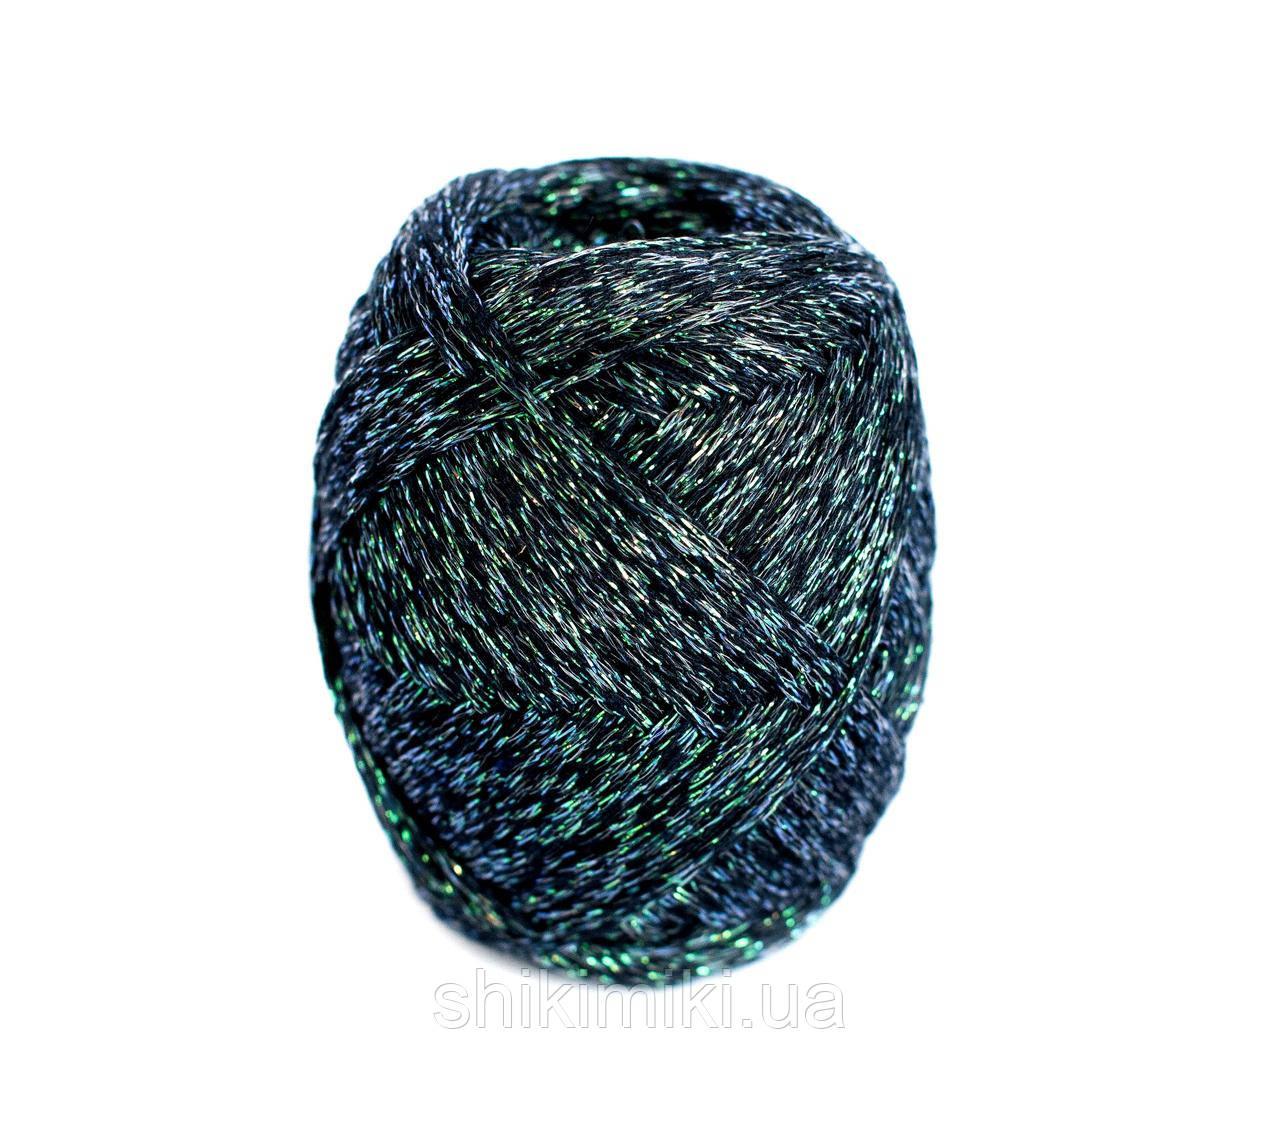 Трикотажный шнур с люрексом Knit & Shine, цвет Изумрудный